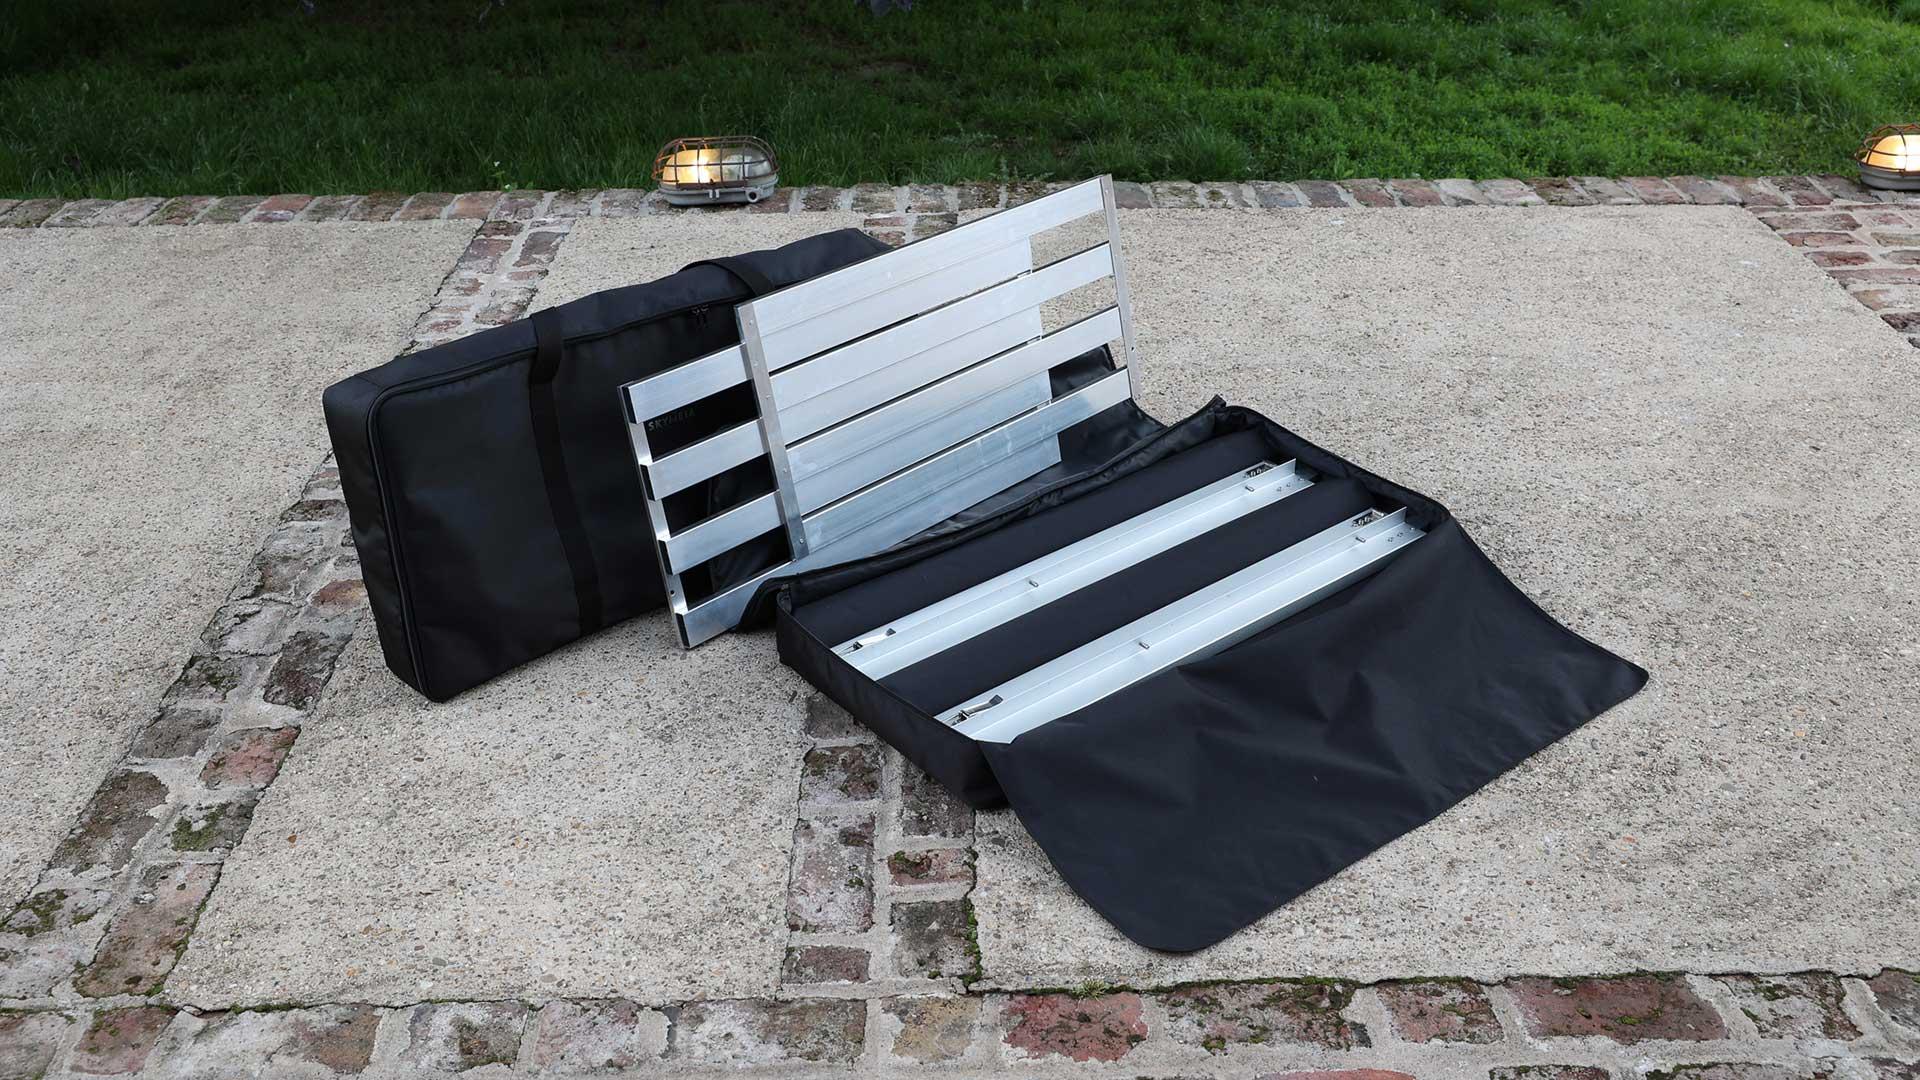 In Tasche 2 sind die 4 Seitenholm-Hälften und die 4 Lattenrost-Elemente verstaut. Bei der Anordnung der Einzelteile wurde übrigens in beiden Taschen die Reihenfolge für Auf- und Abbau berücksichtigt. Das ist Smart Packaging!